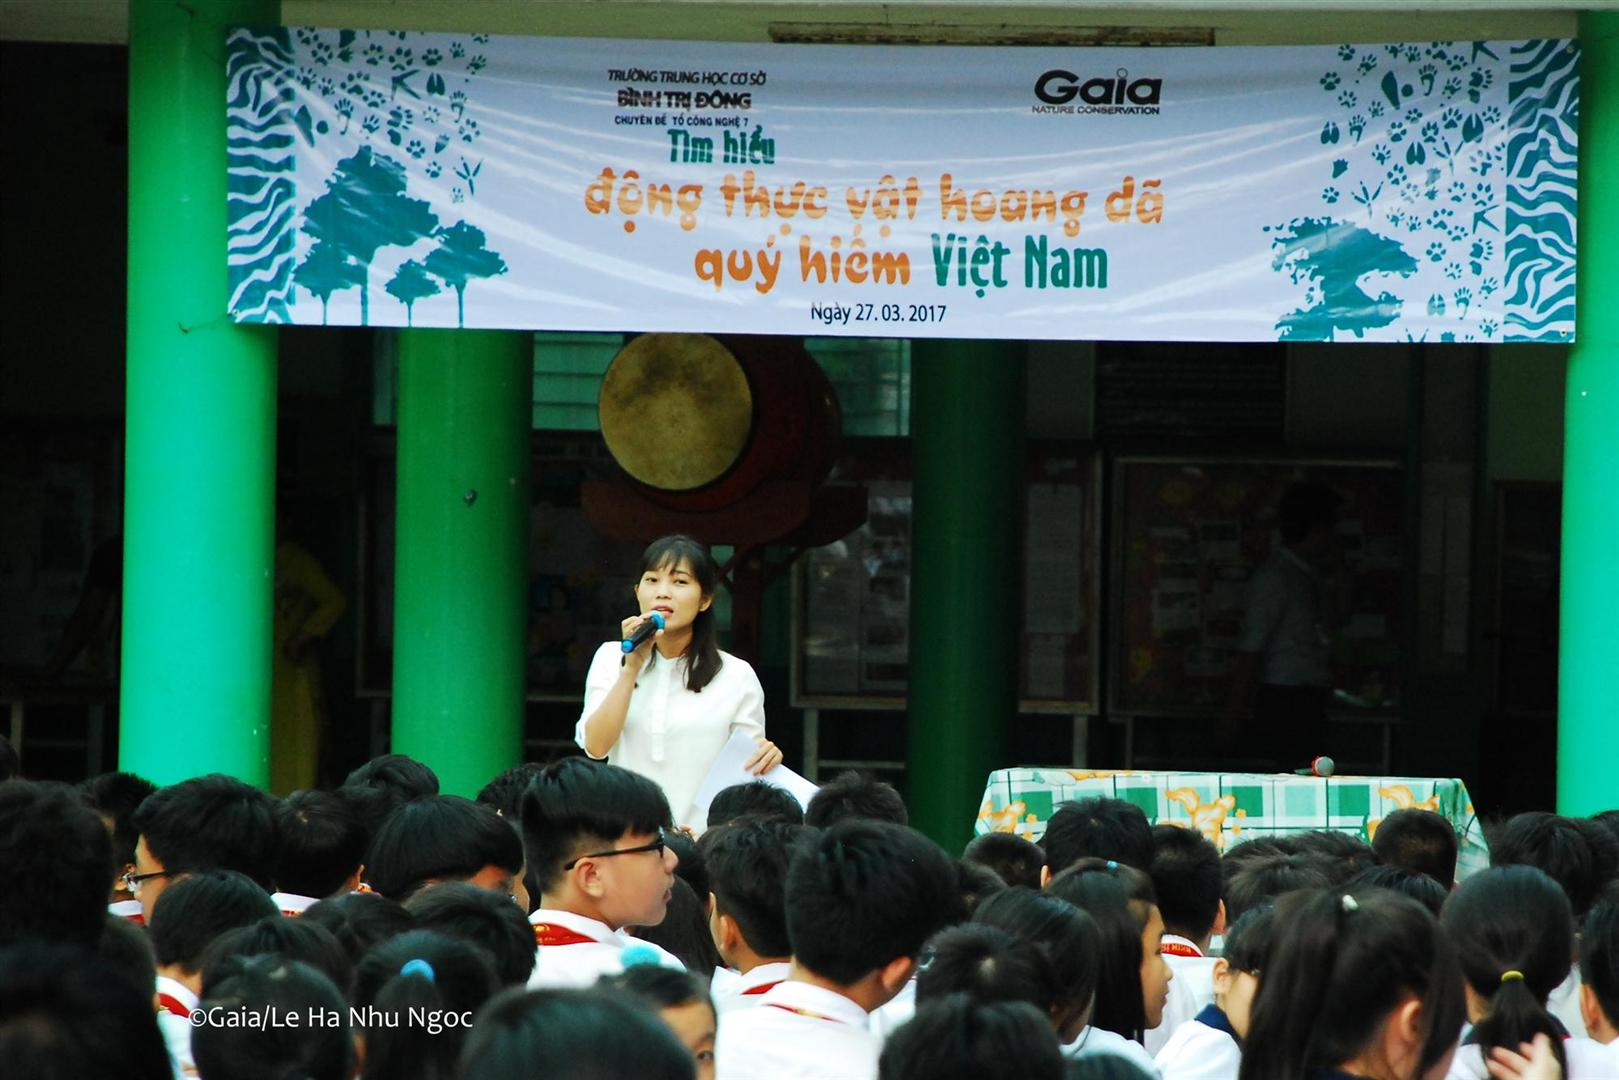 Bà Ngân (Cán bộ dự án của trung tâm Gaia) nói về chủ đề Động thực vật hoang dã quý hiếm